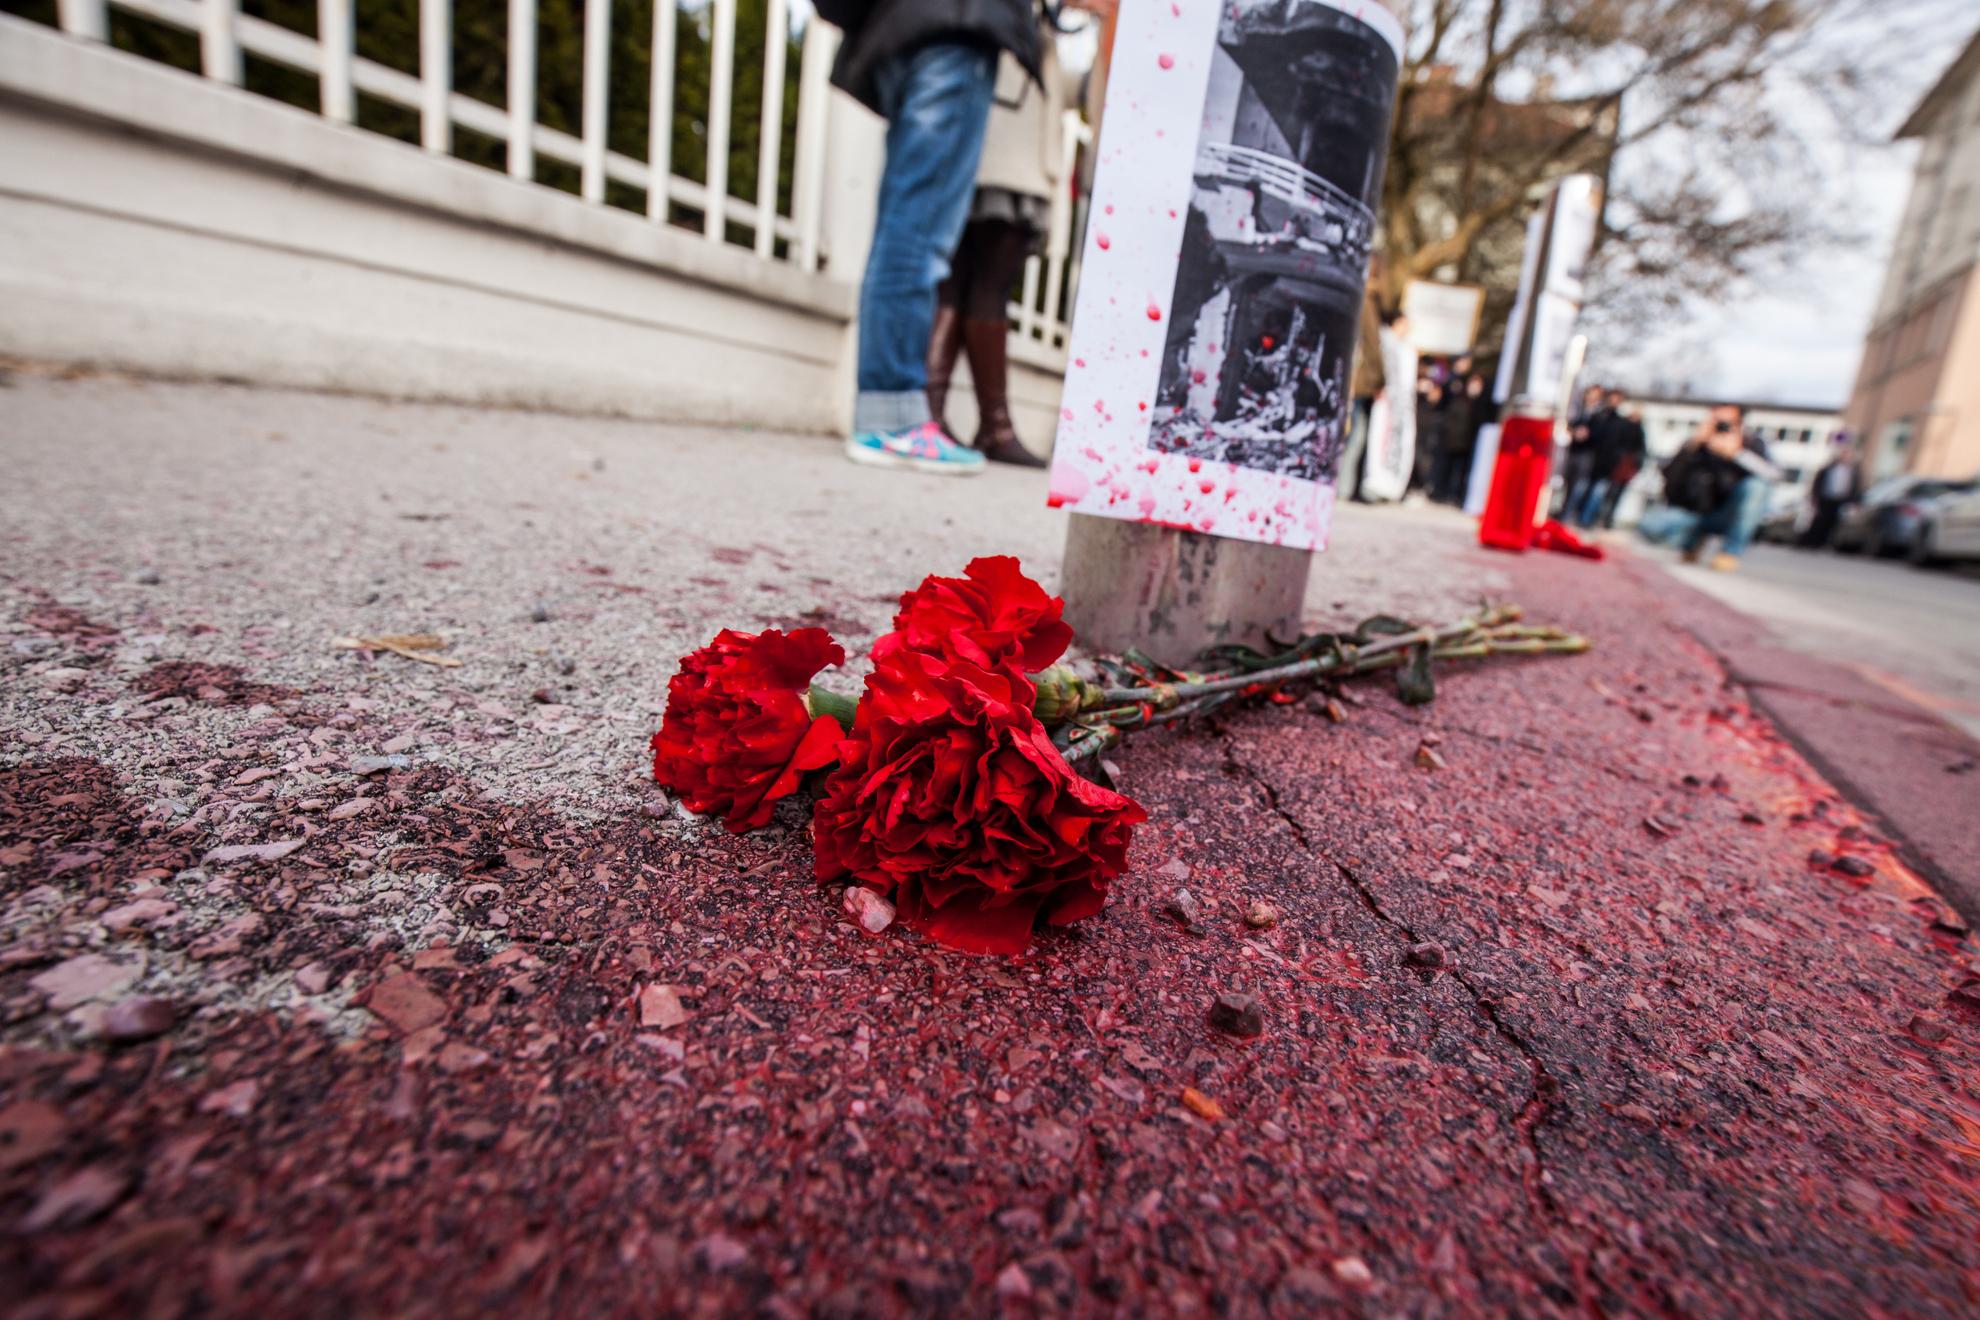 10. 03. 2016 Ljubljana. Prostestni shod pred turško ambasado v Ljubljani proti agresiji nad kurdi v Turčiji